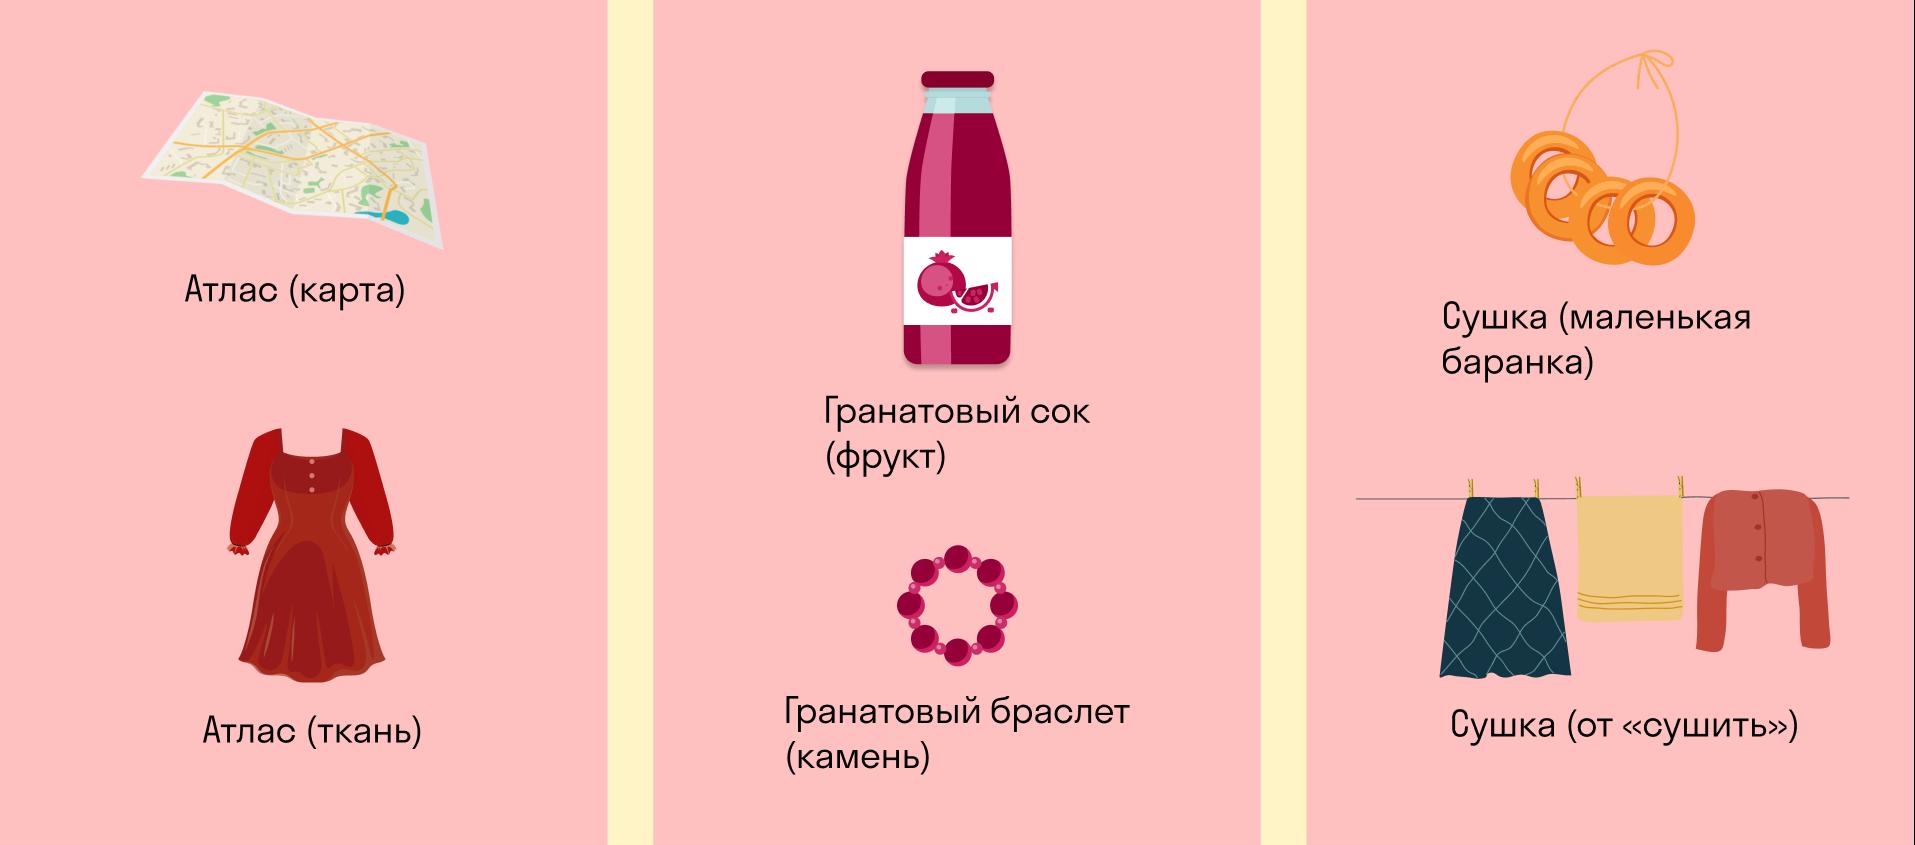 примеры омонимов